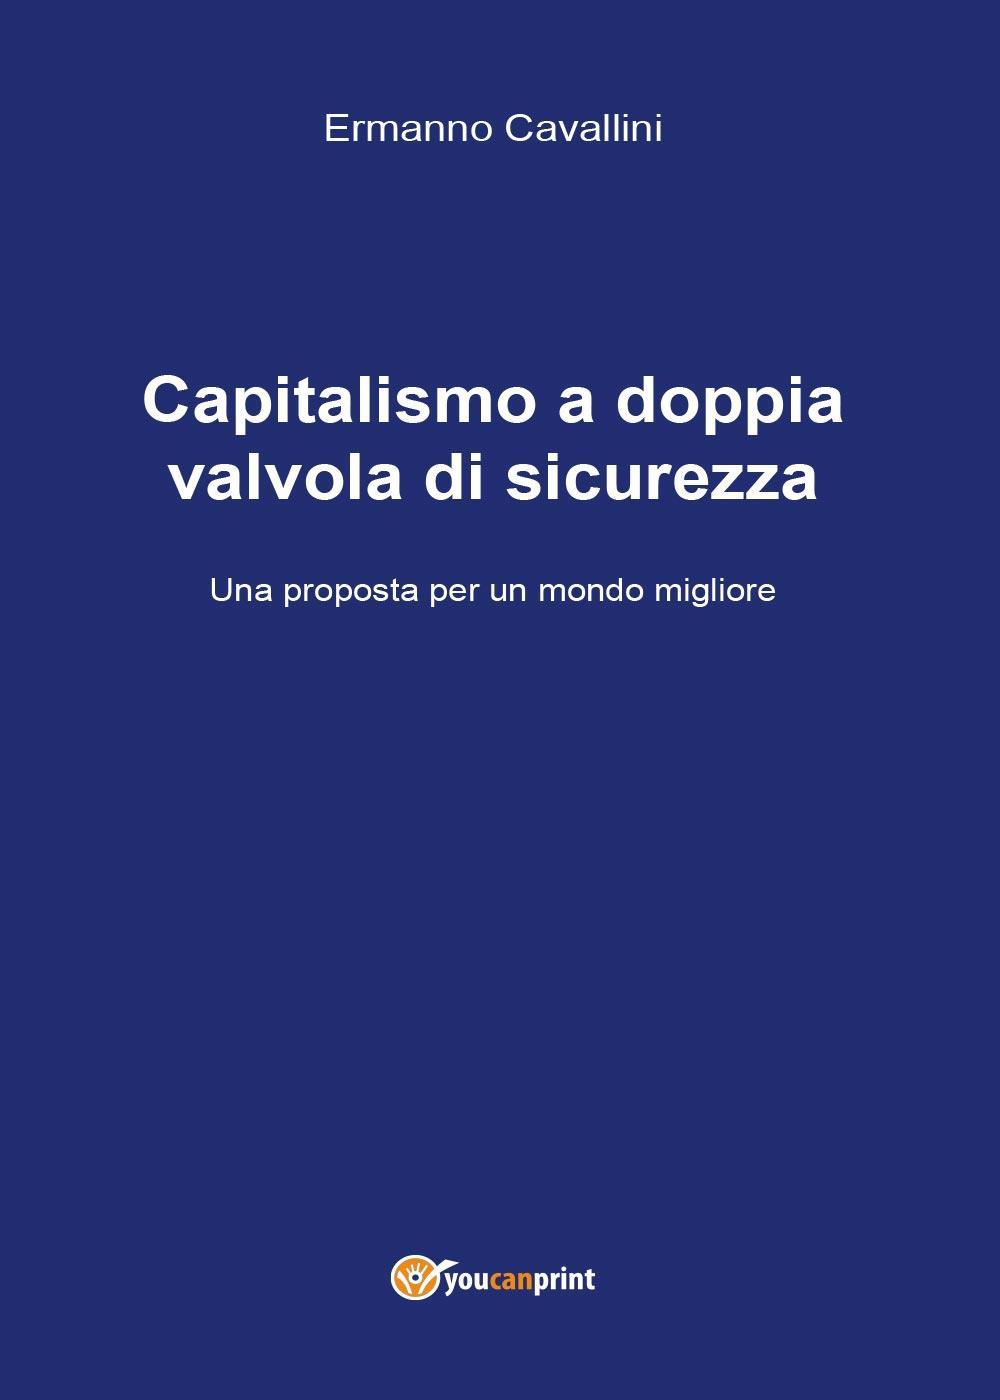 Capitalismo a doppia valvola di sicurezza